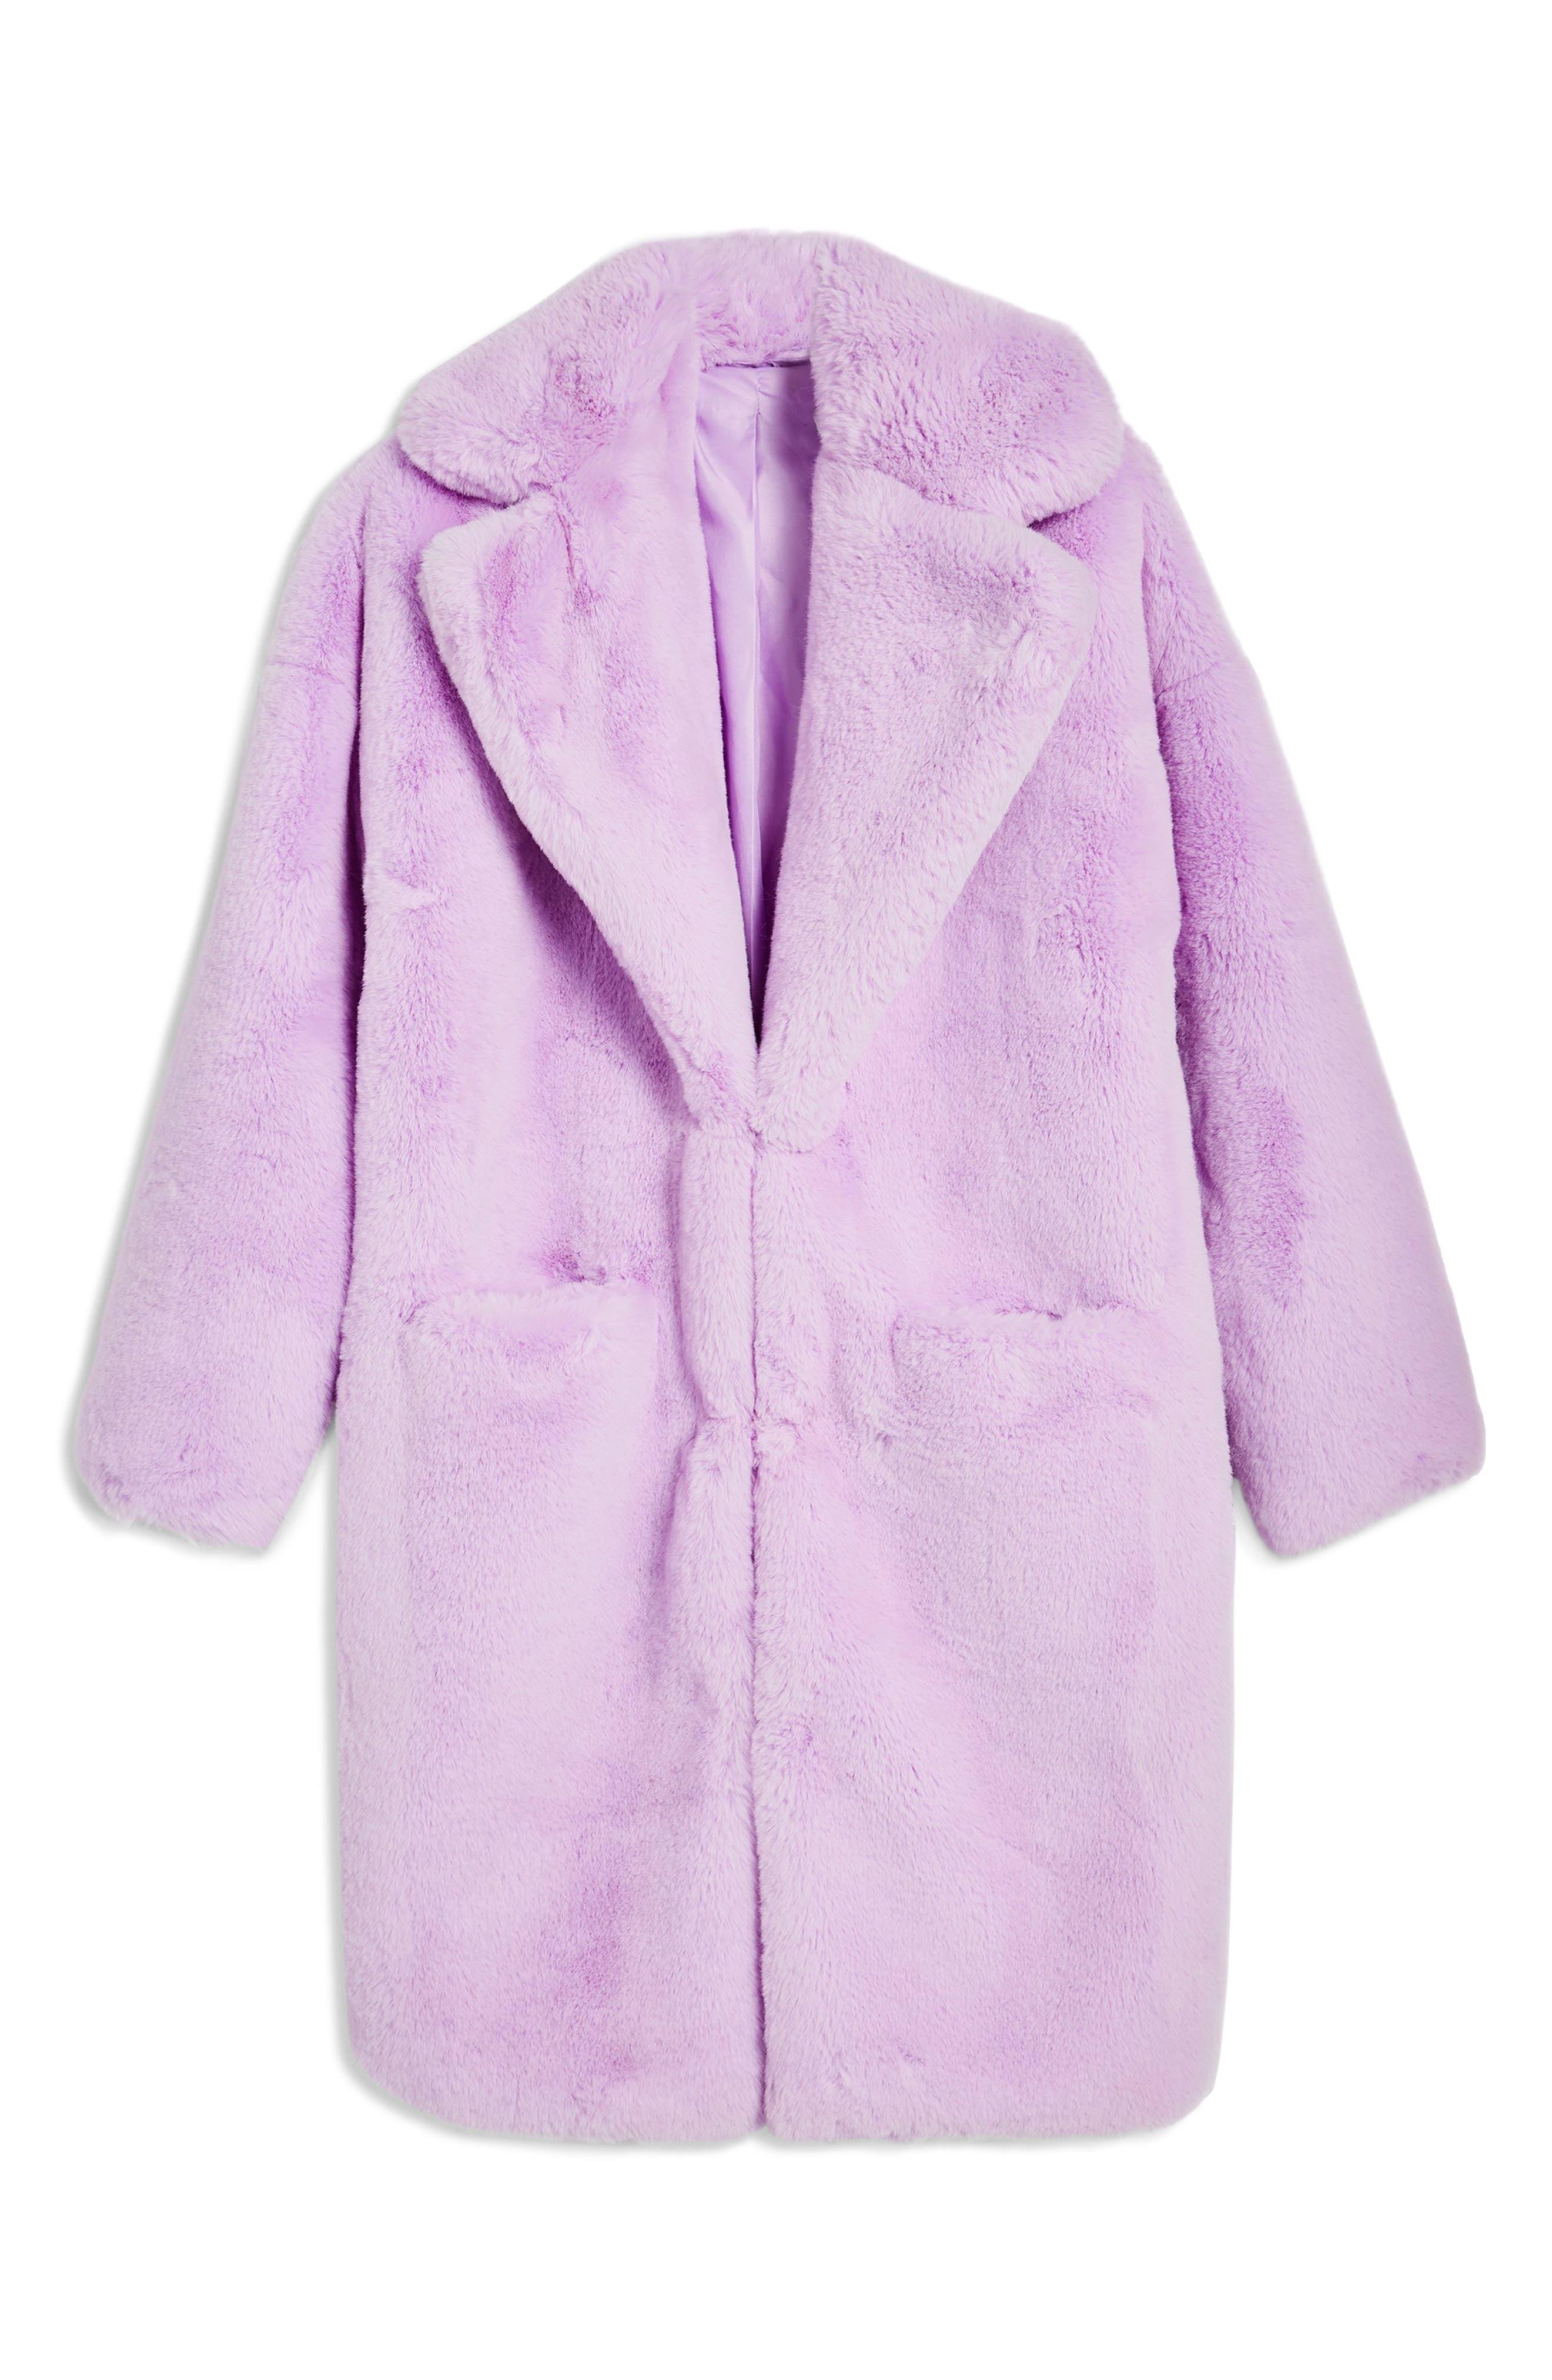 TOPSHOP, Anoushka Faux Fur Coat, Alternate thumbnail 5, color, 530